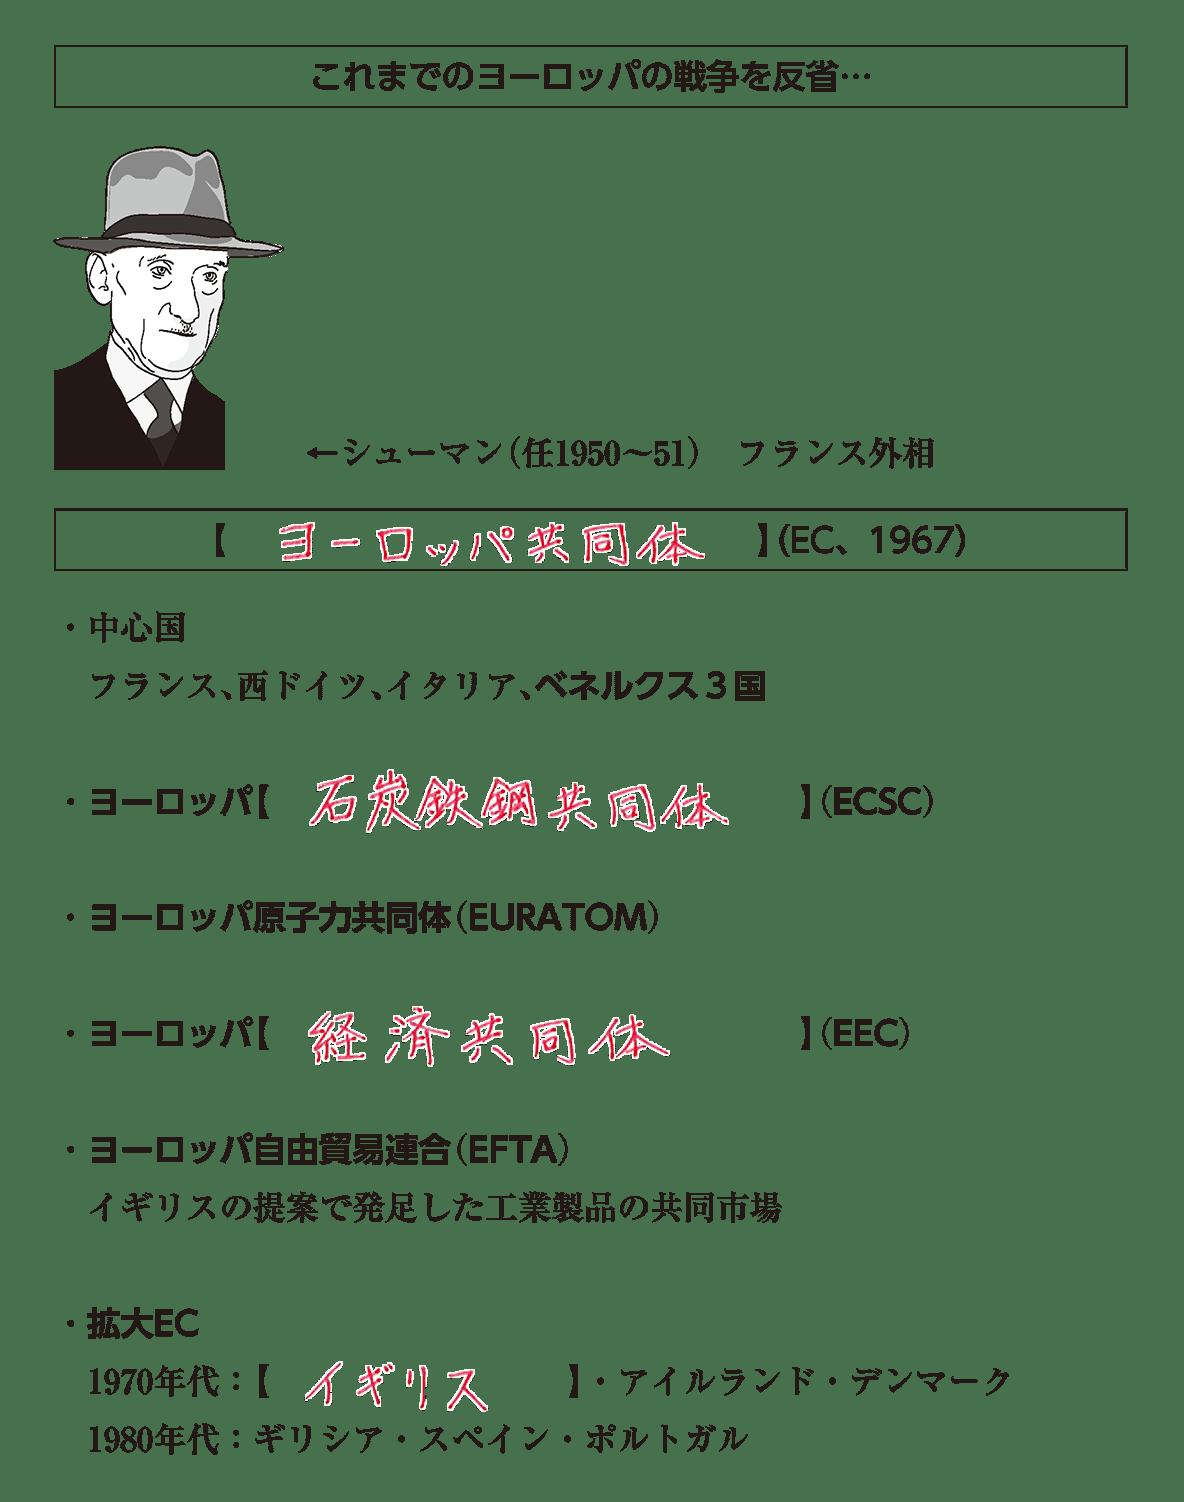 高校世界史 冷戦激化と西欧・日本の経済復興3 ポイント1 答え全部